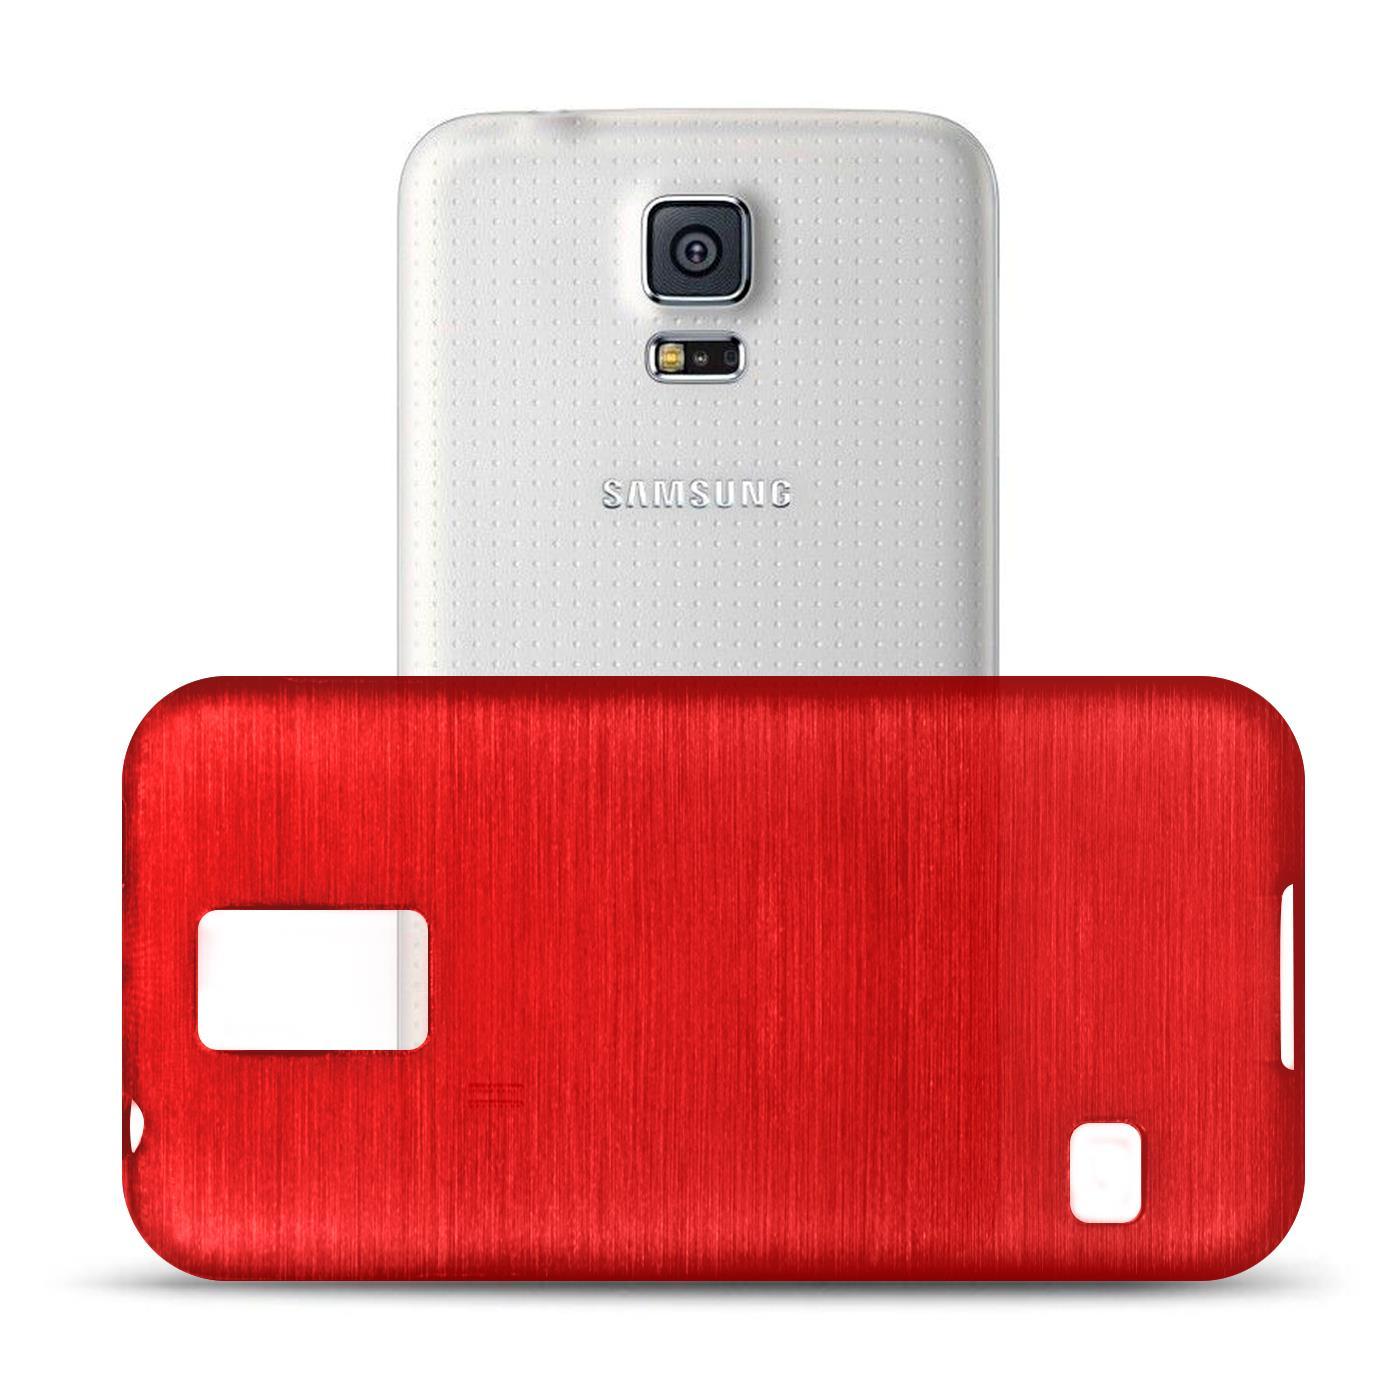 Silikon-Bumper-Case-Samsung-Galaxy-s5-Neo-duenne-ultra-slim-Stossfeste-Rueckschale Indexbild 36